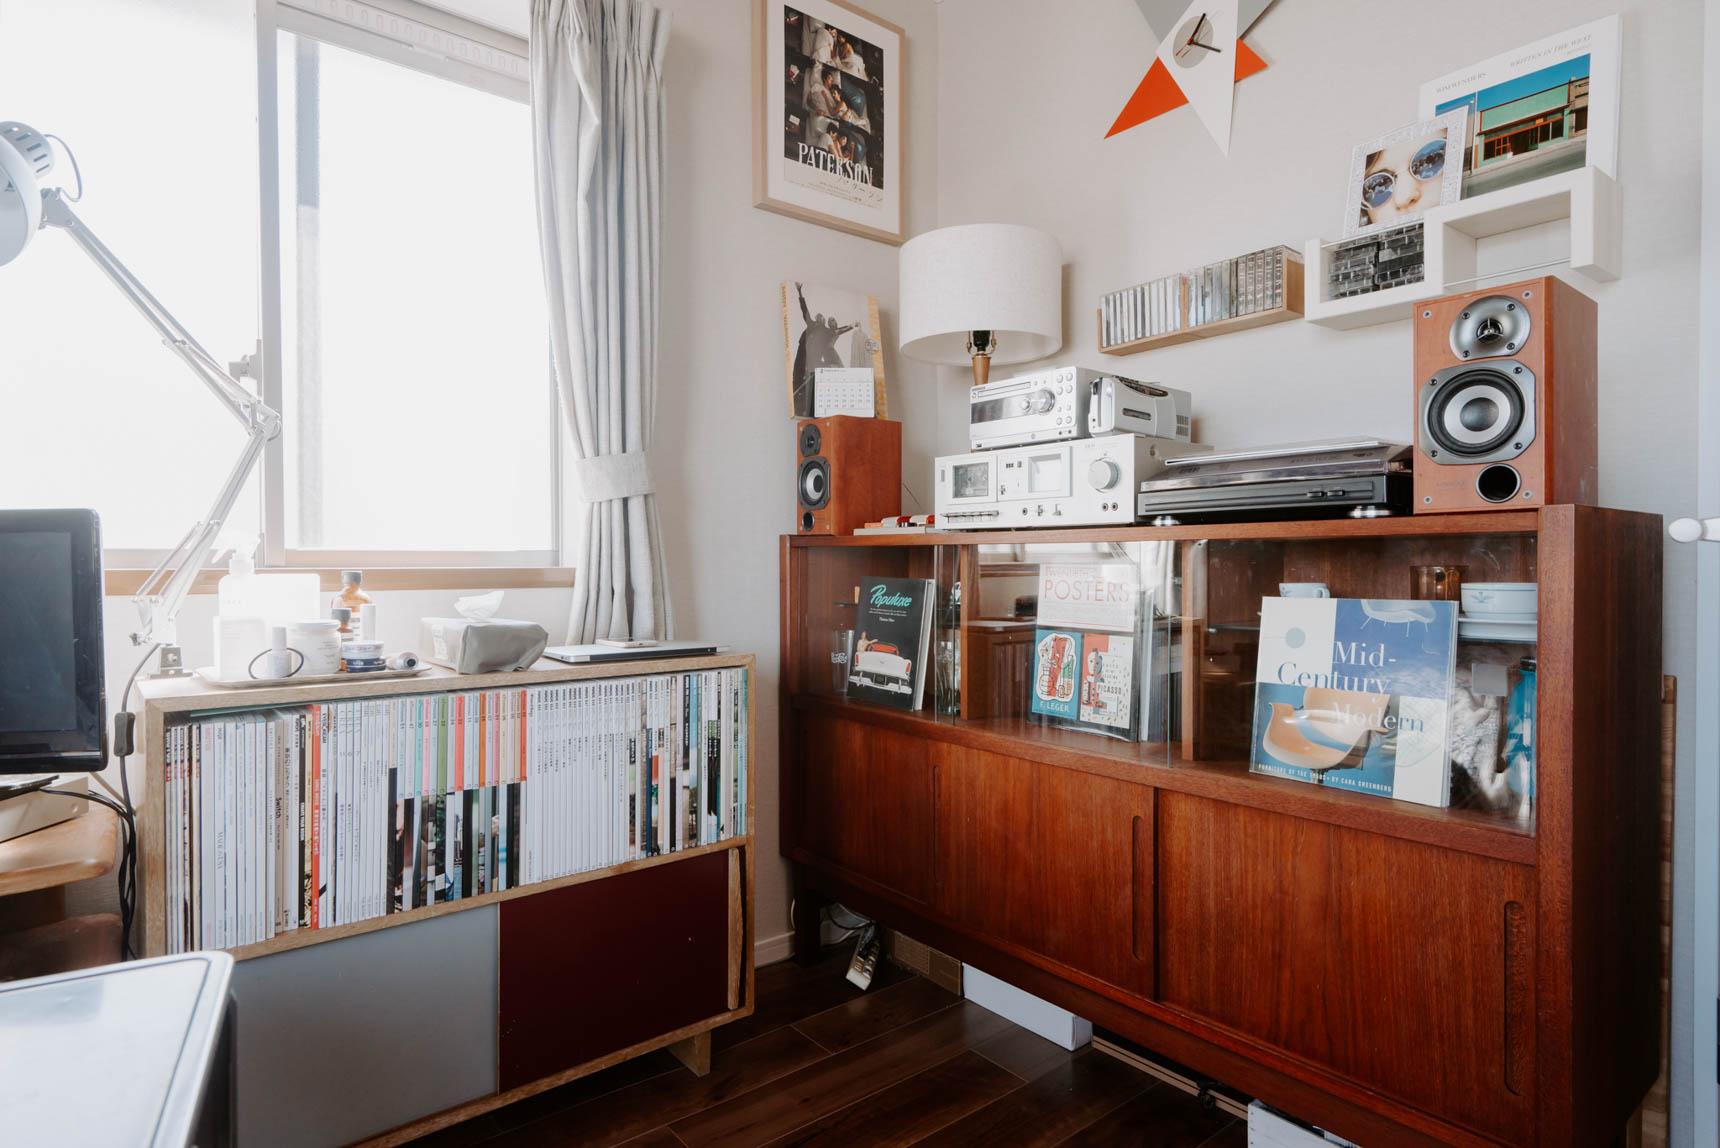 部屋の一角には、レコードプレーヤー、カセットプレーヤーと、豊富なレコードのコレクションが入っている棚があります。